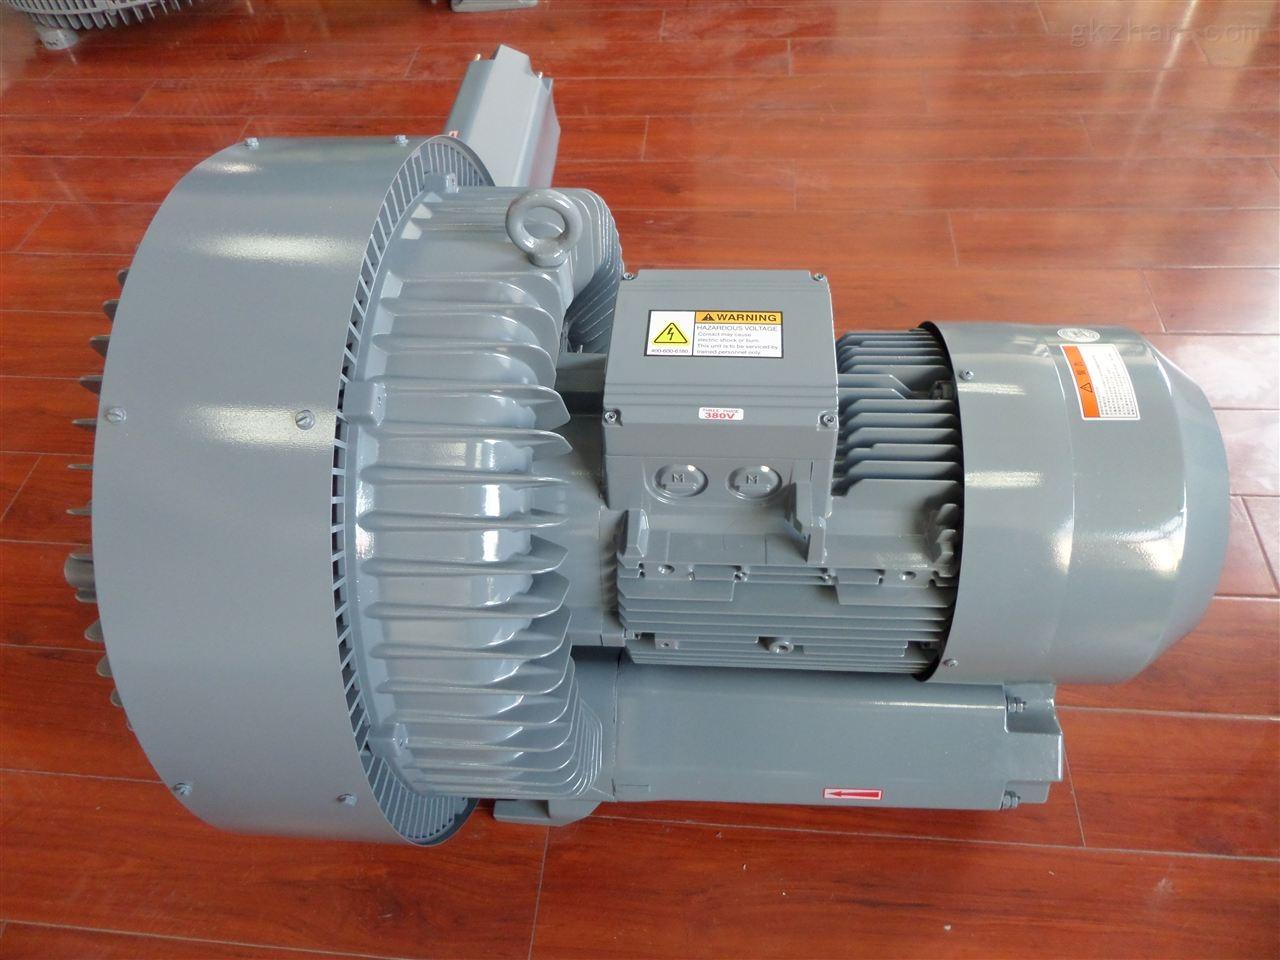 7.5KW真空吸附鼓风机 双叶轮负压风机